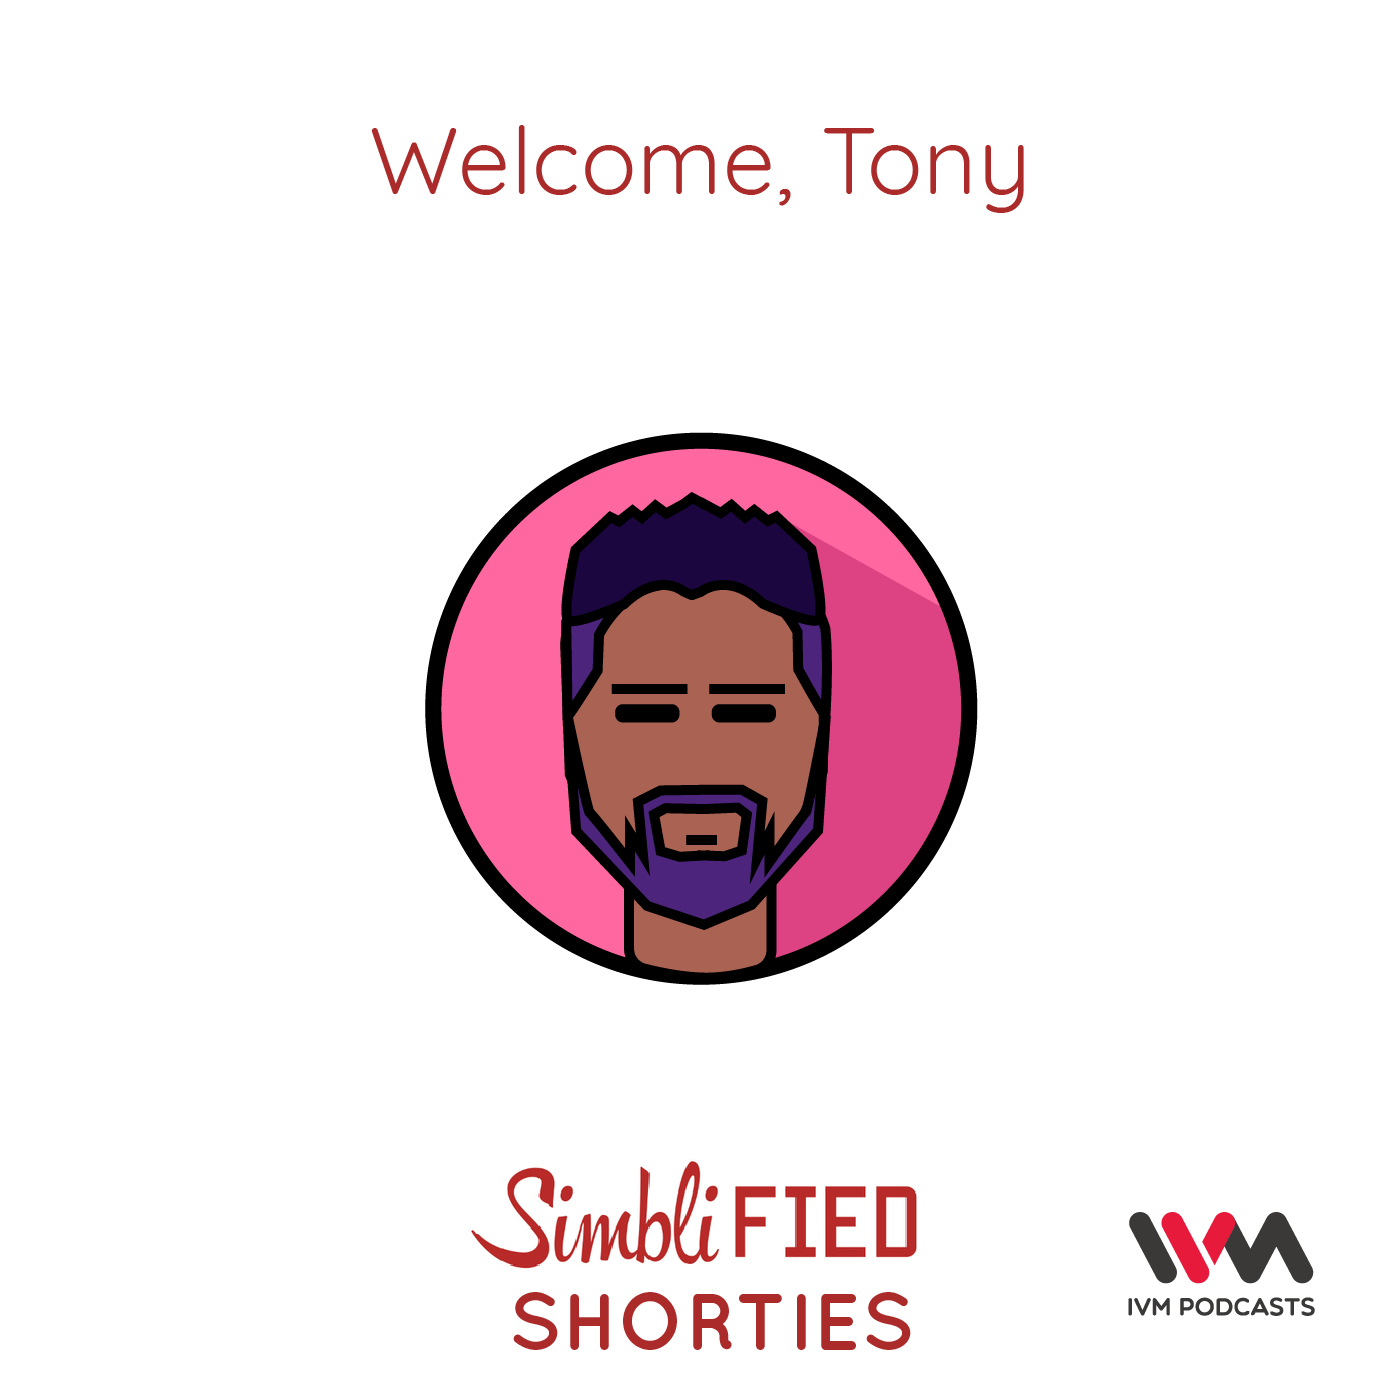 Ep. 165: Welcome, Tony